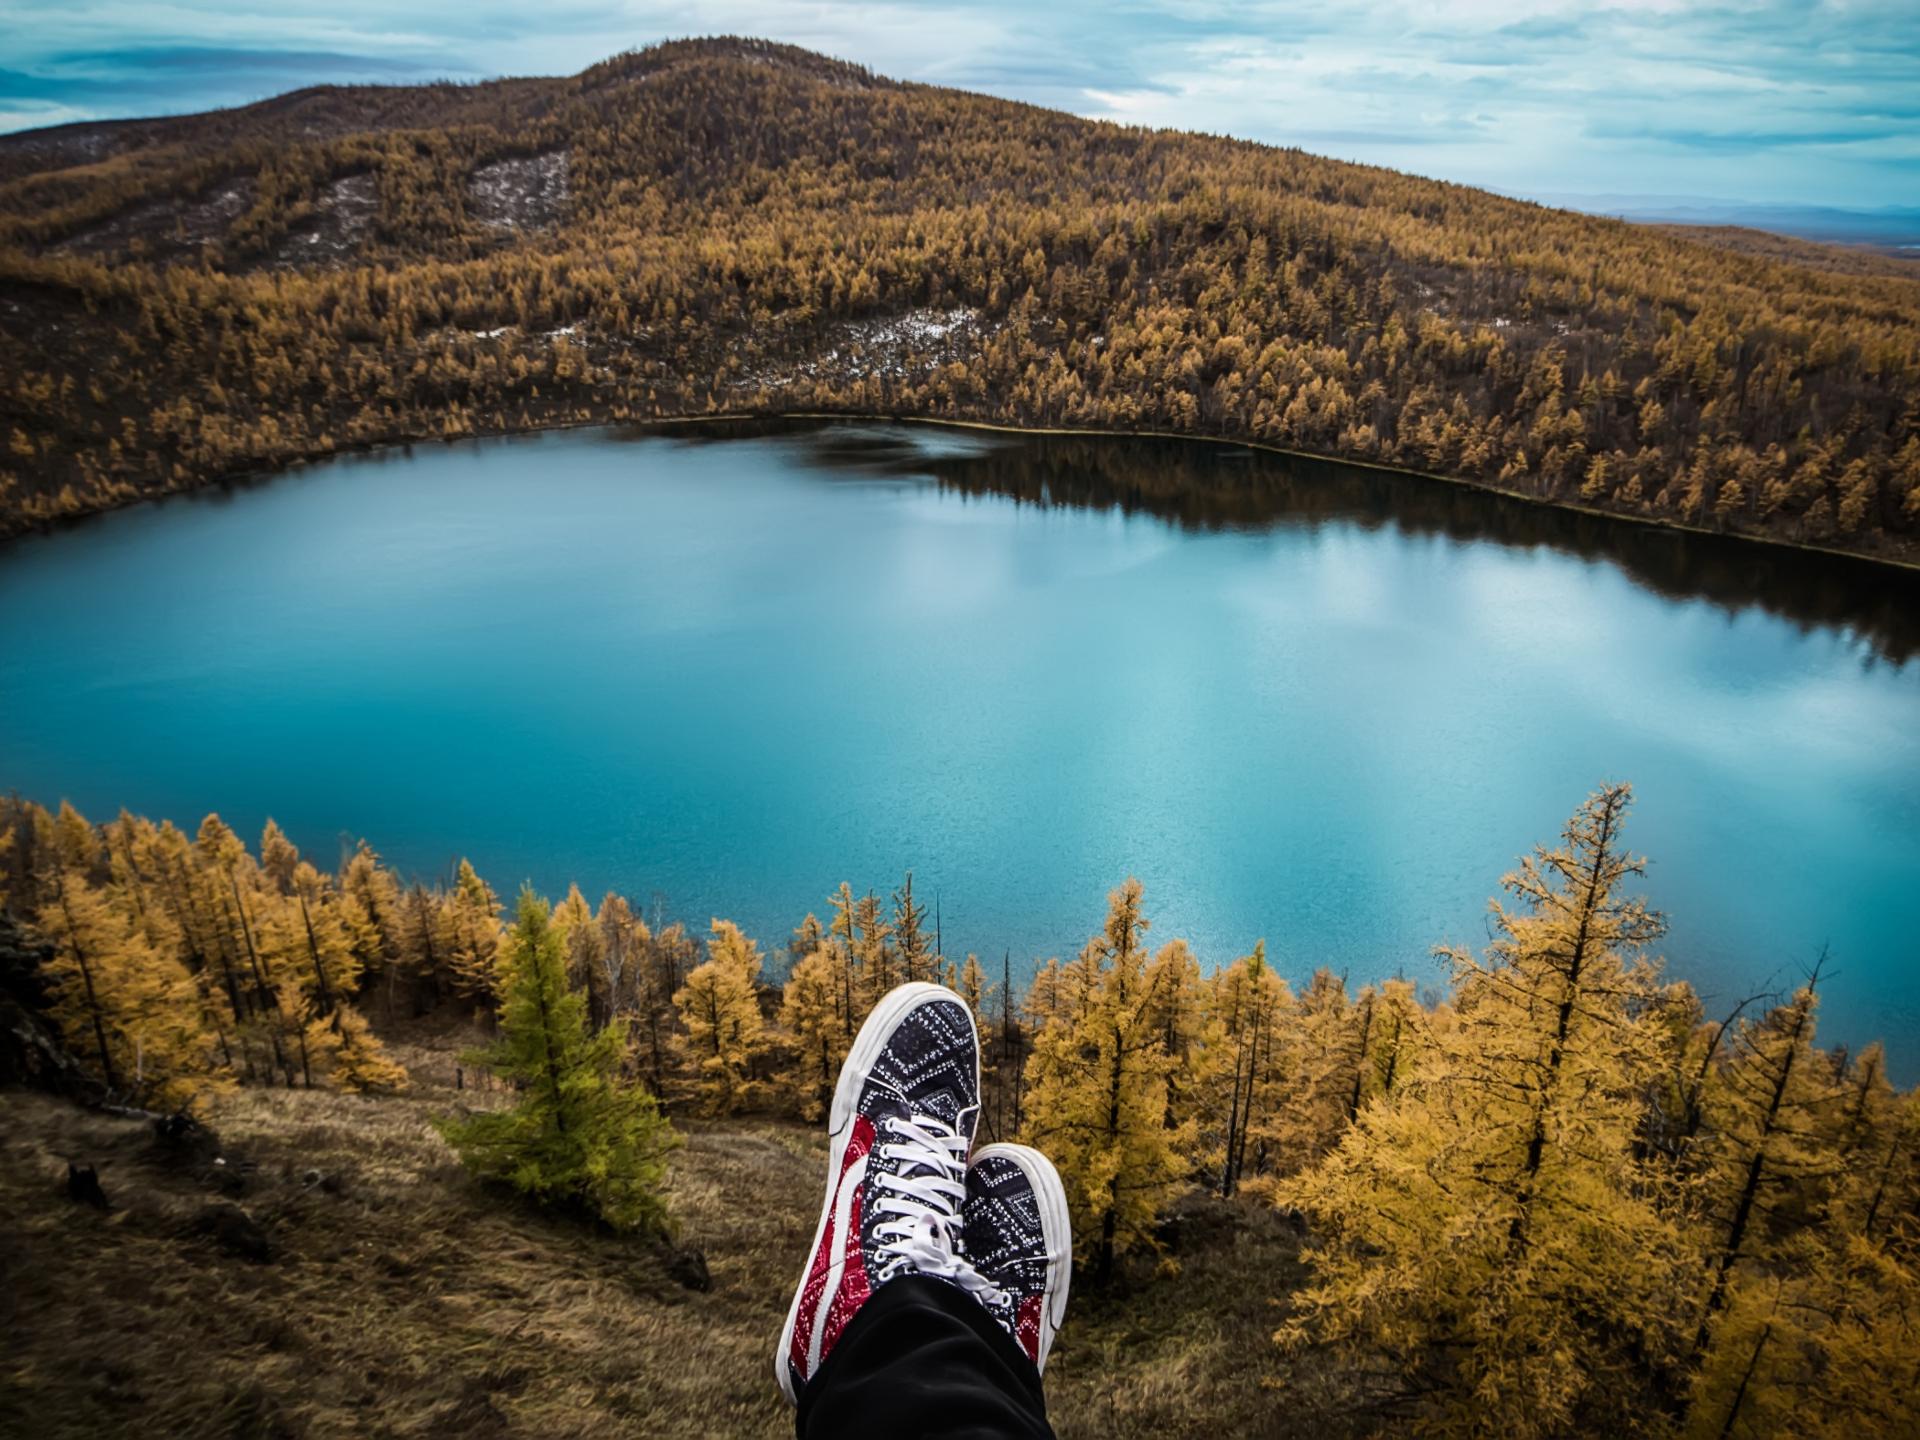 Wandern und in der Natur sein ist ein tolles Beispiel für Slow Travel - Photocredit: pixabay.com/asmuSe